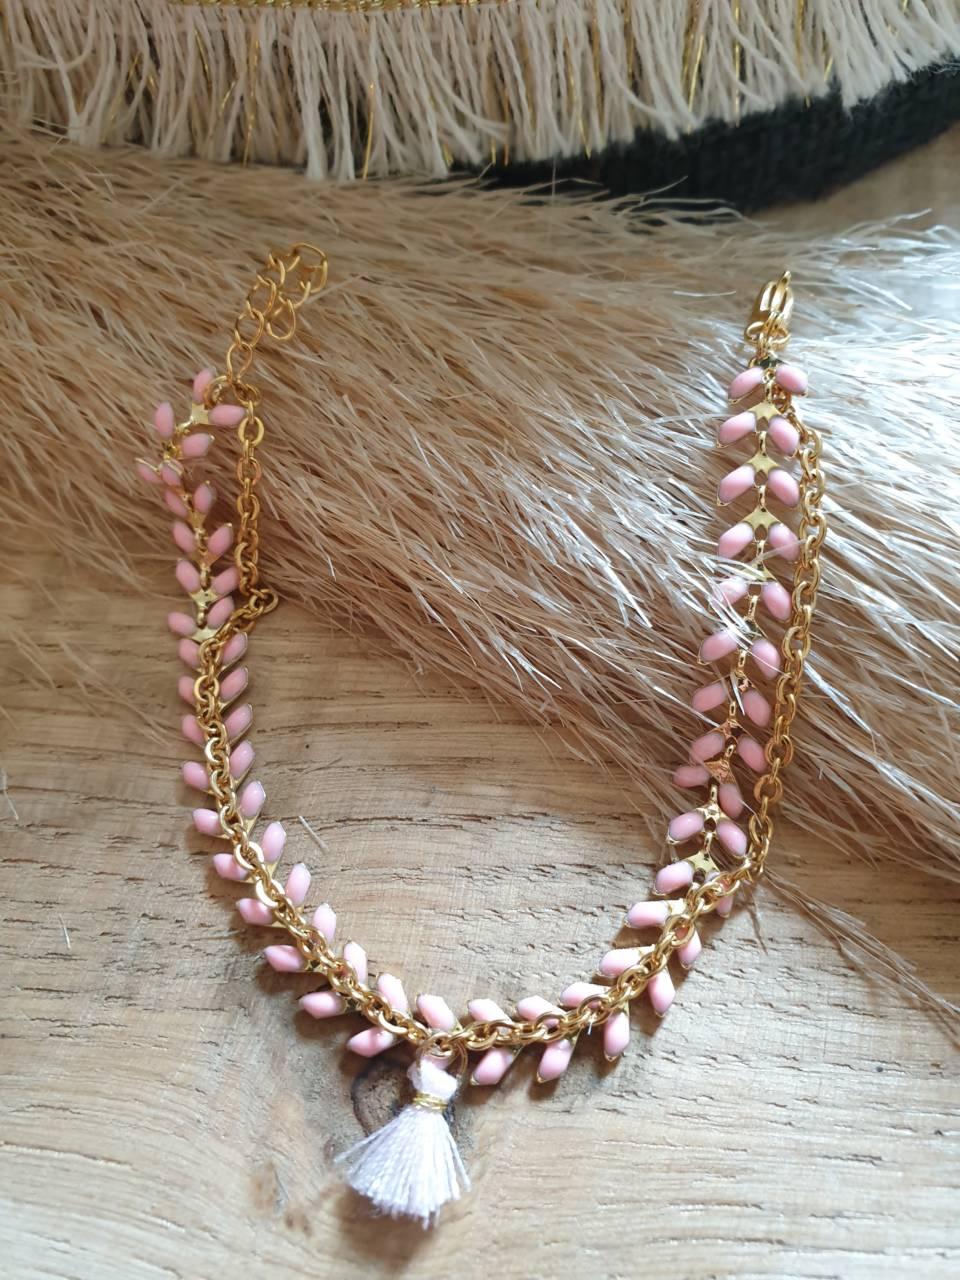 Bracelet chaîne épis doré émaillée rose clair orné d'un pompon avec chaînette, fermoir mousqueton et chaînette de rallonge Bracelet fait main, adaptable à tous poignet grâce à sa chaînette de rallonge Matériel du bracelet acier inoxydable 17€